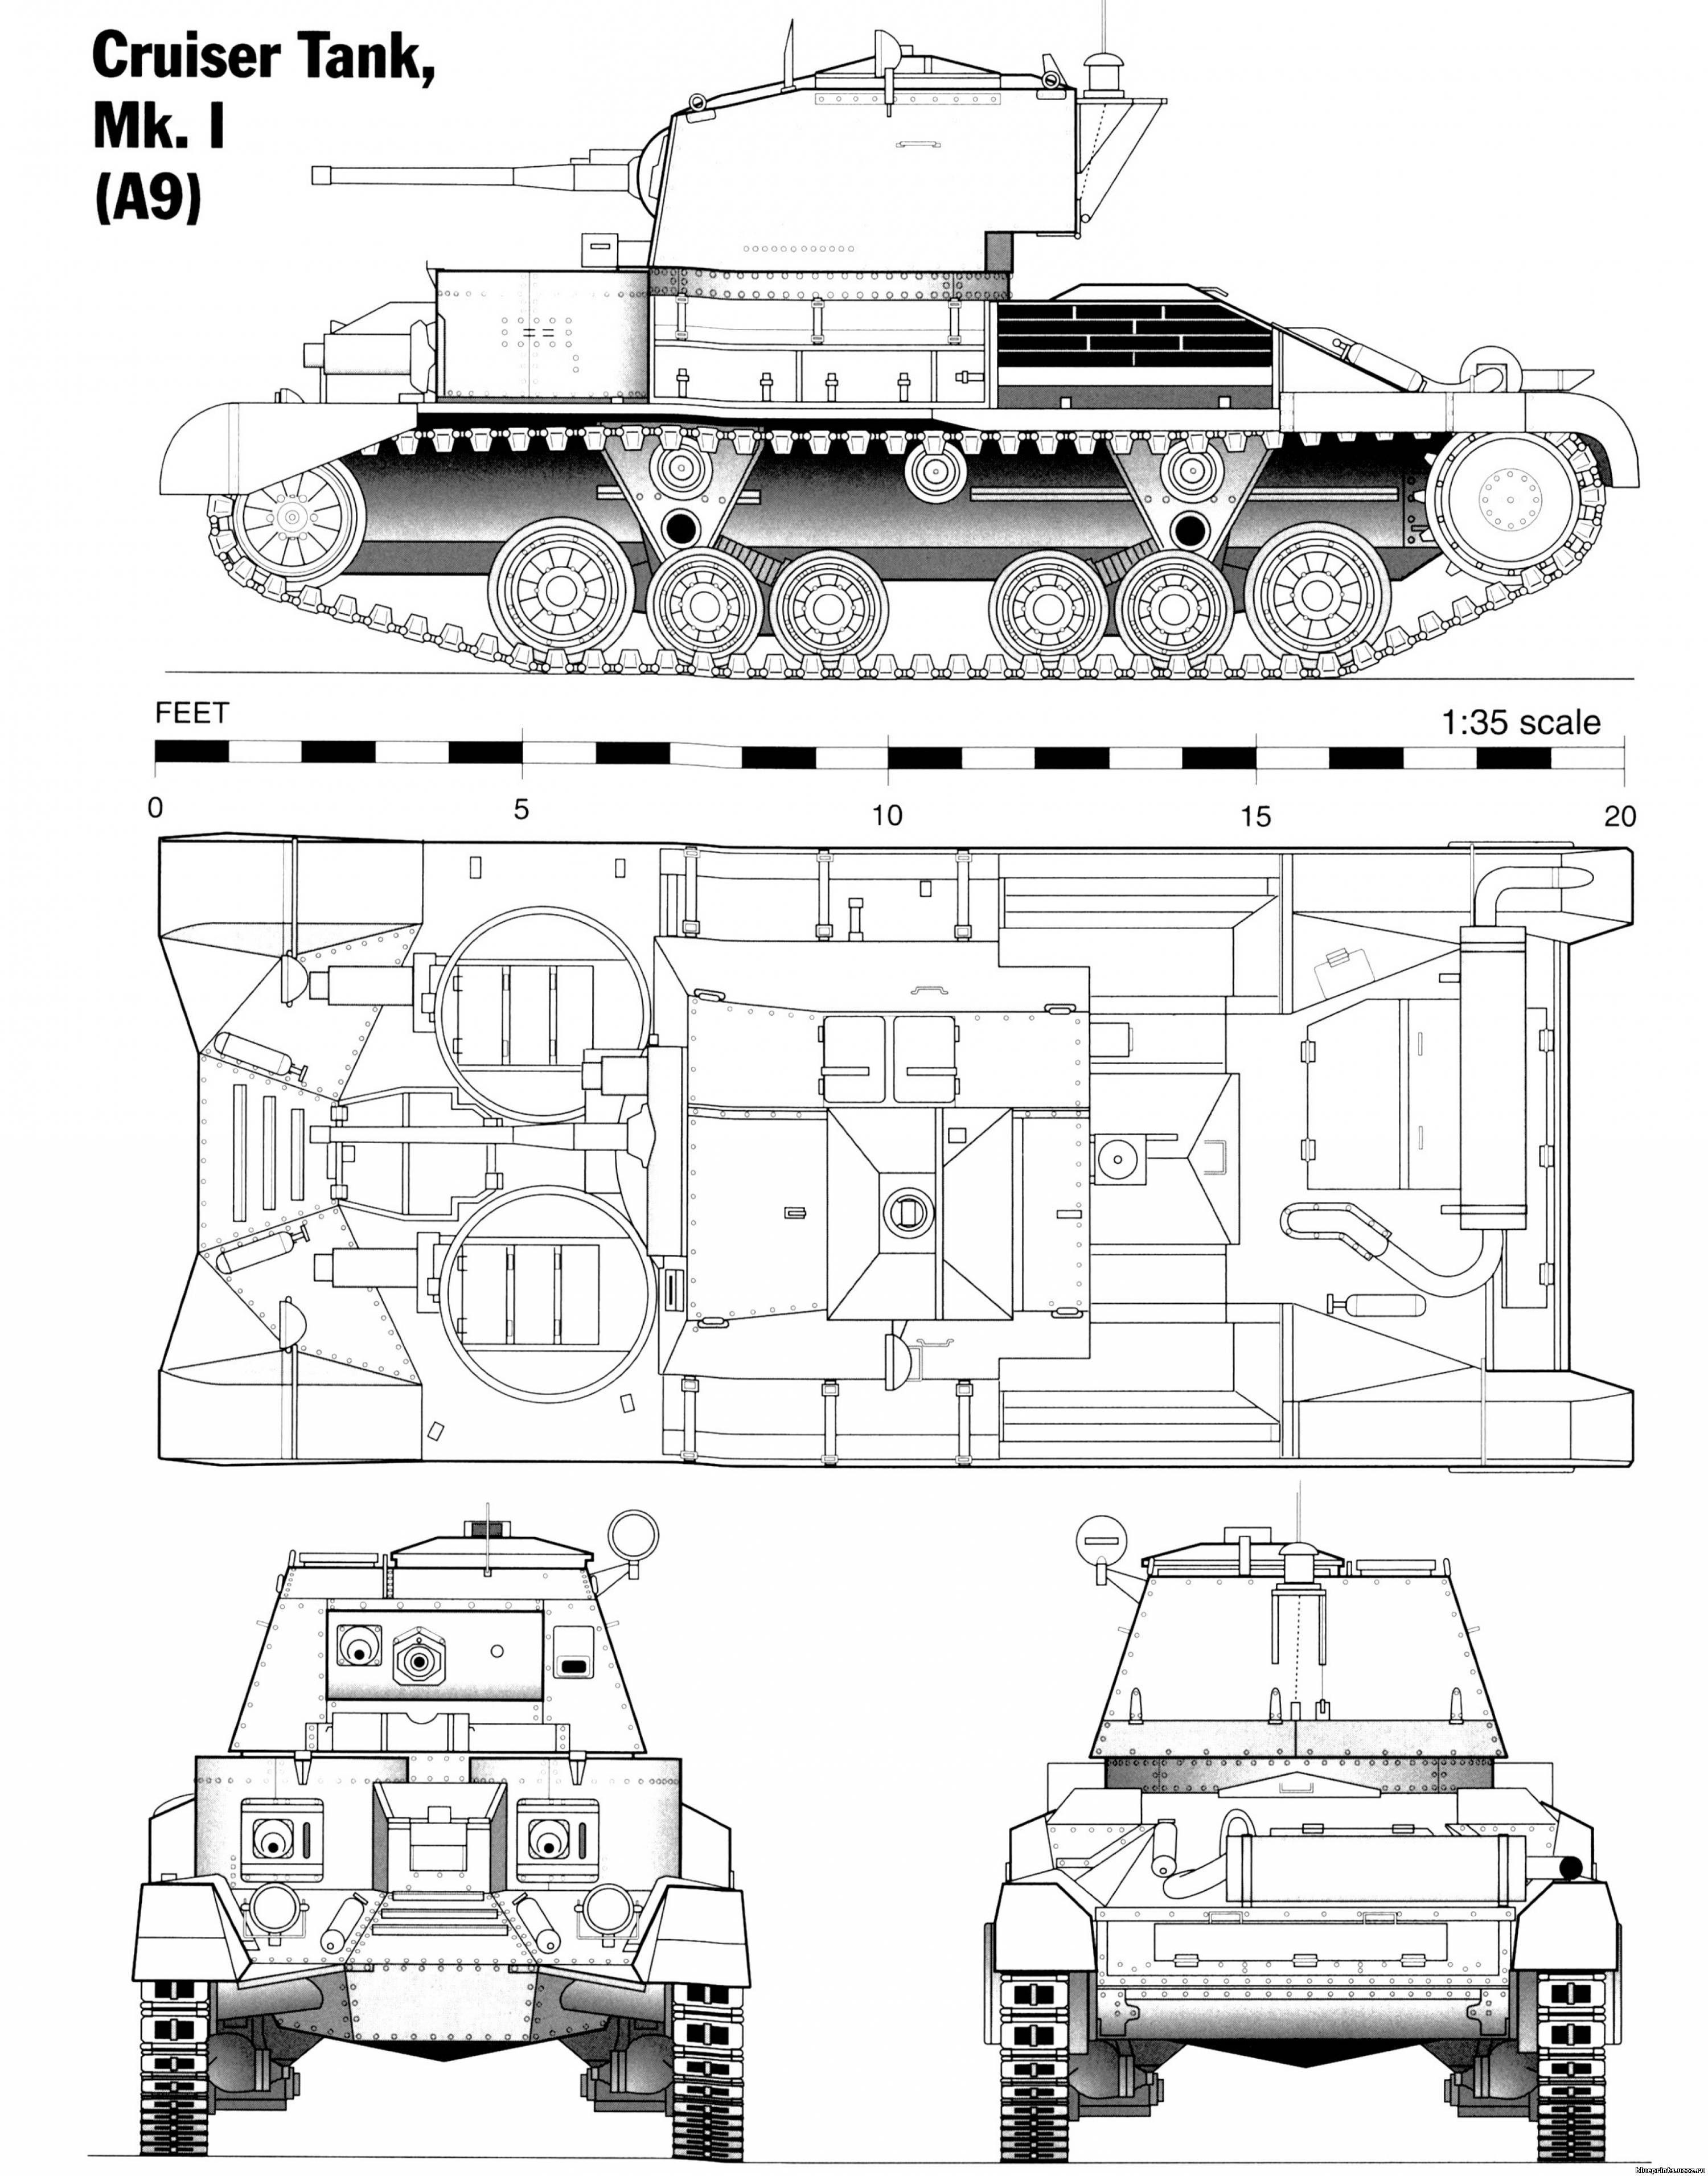 Cruiser Tank Blueprint